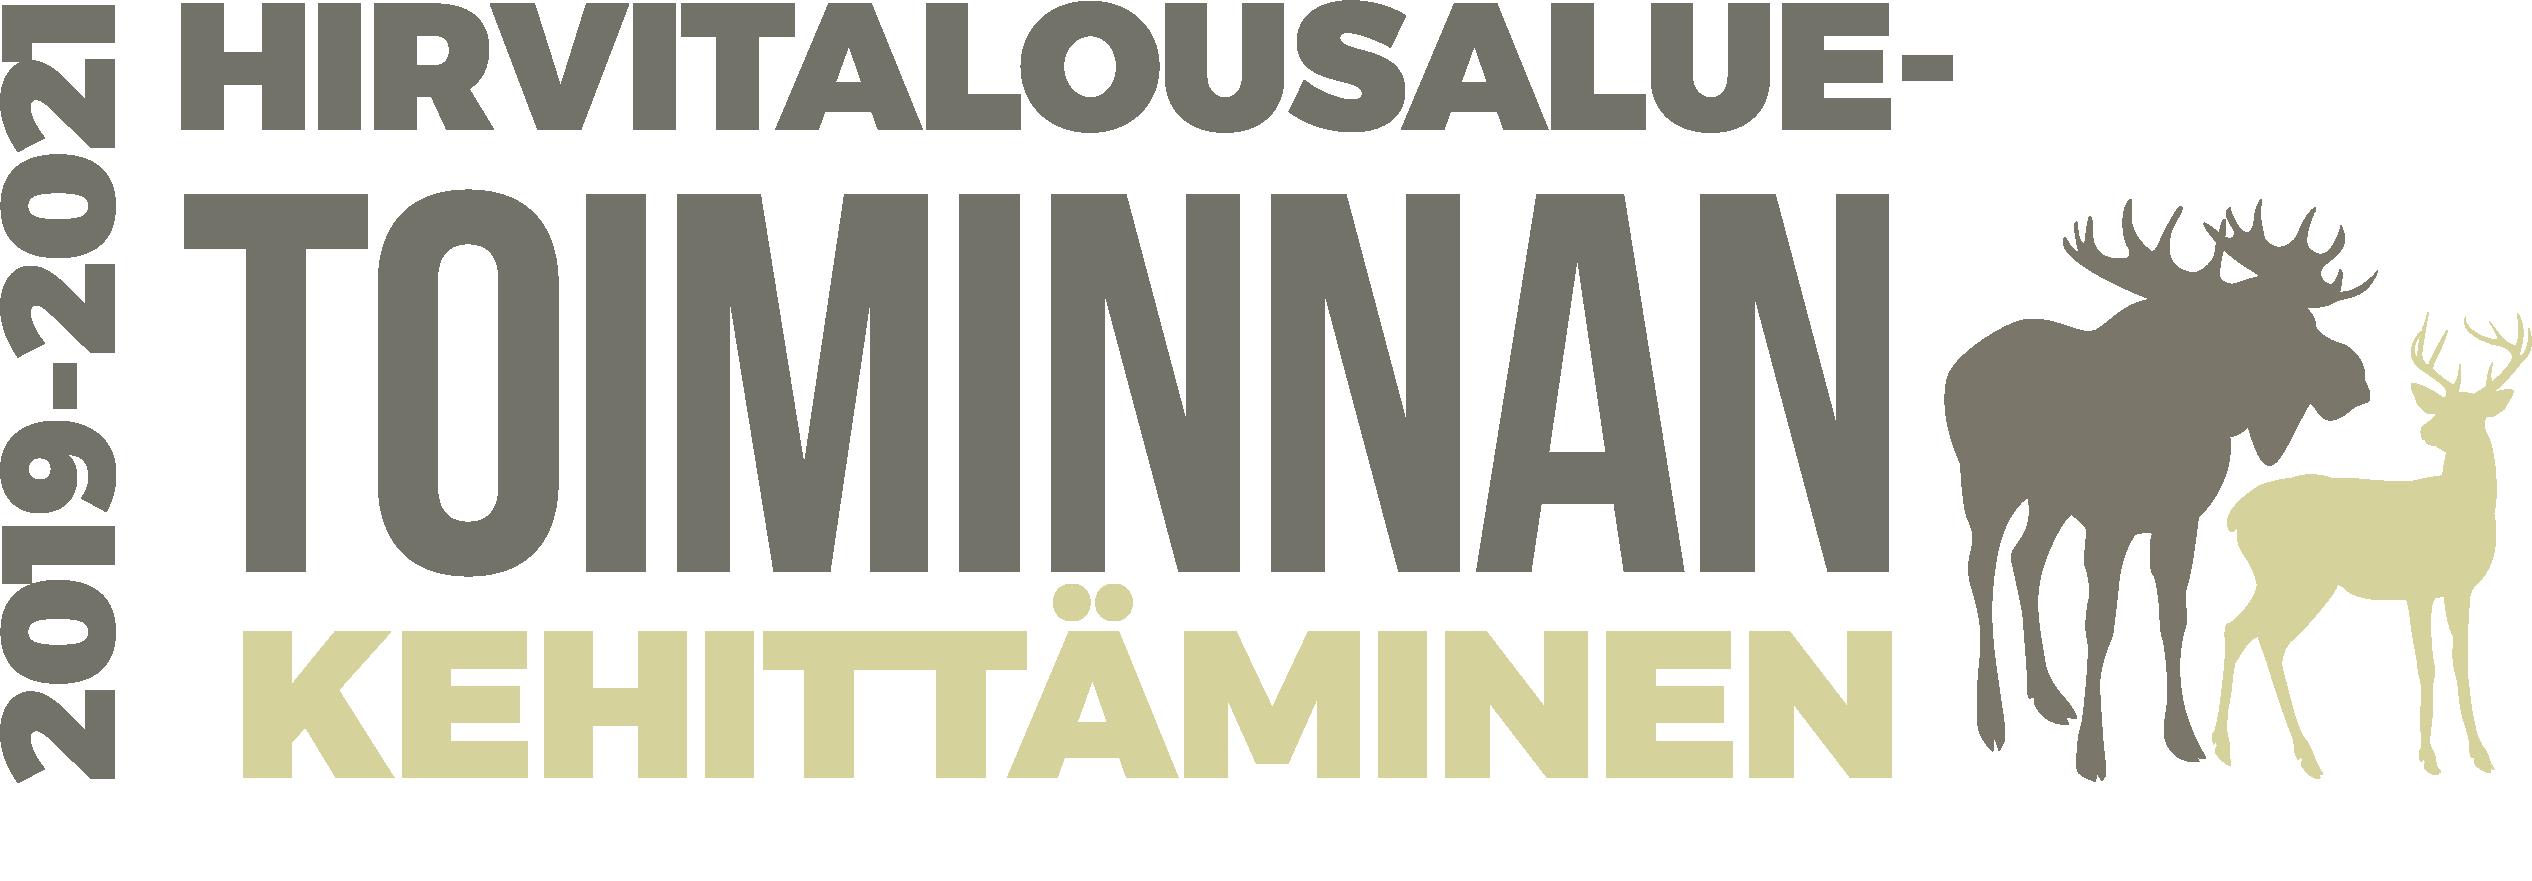 Utvecklande av älgförvaltningsområdenas verksamhet, logo